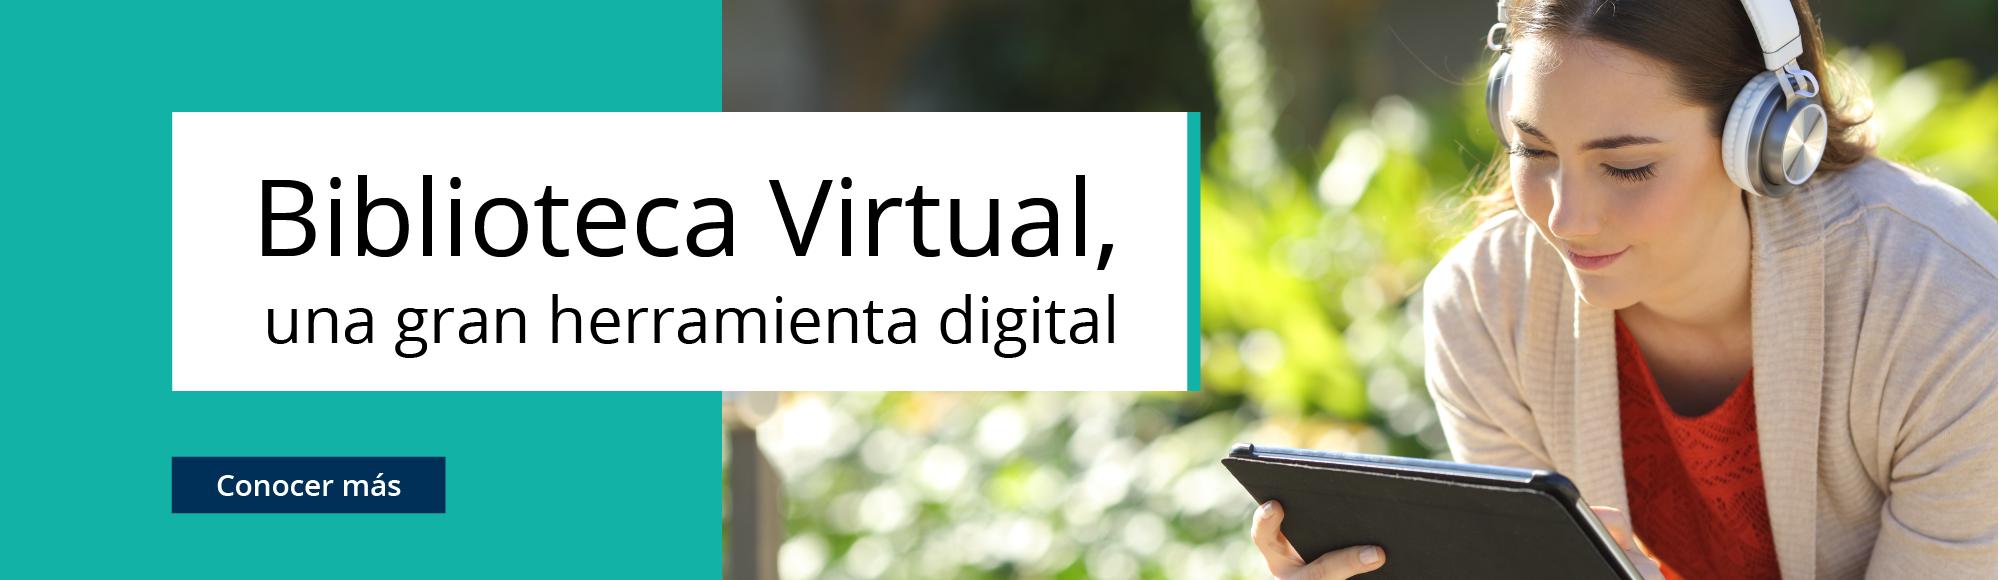 banner-biblioteca-virtual